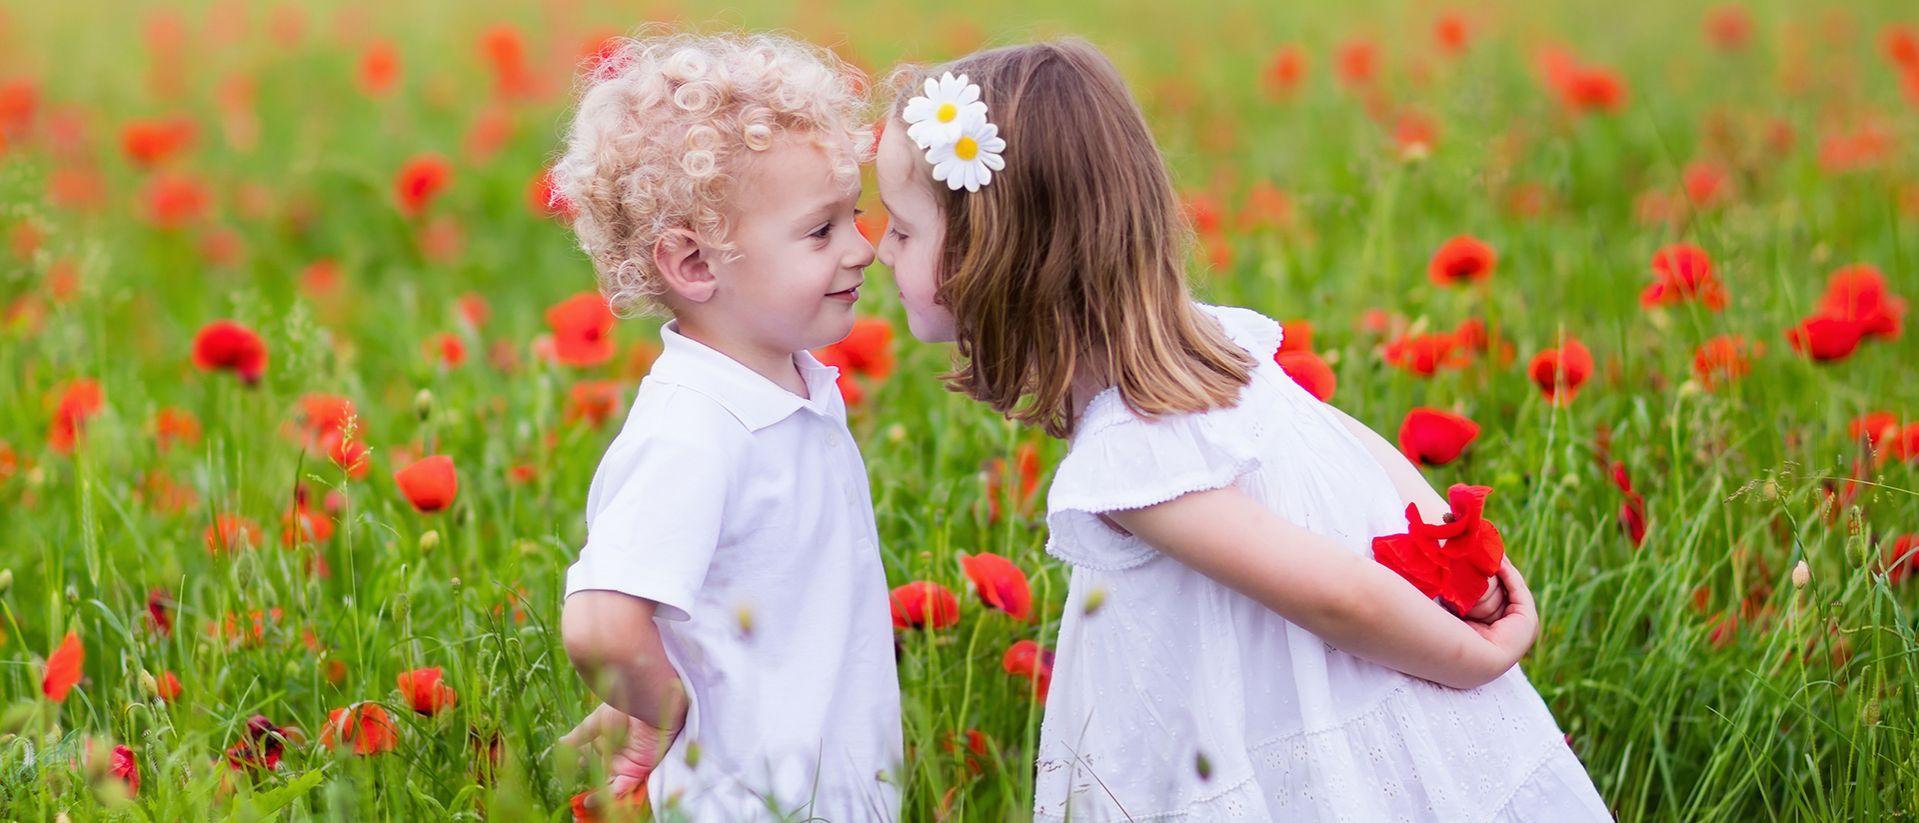 Consigli per gli Allergici ai Pollini